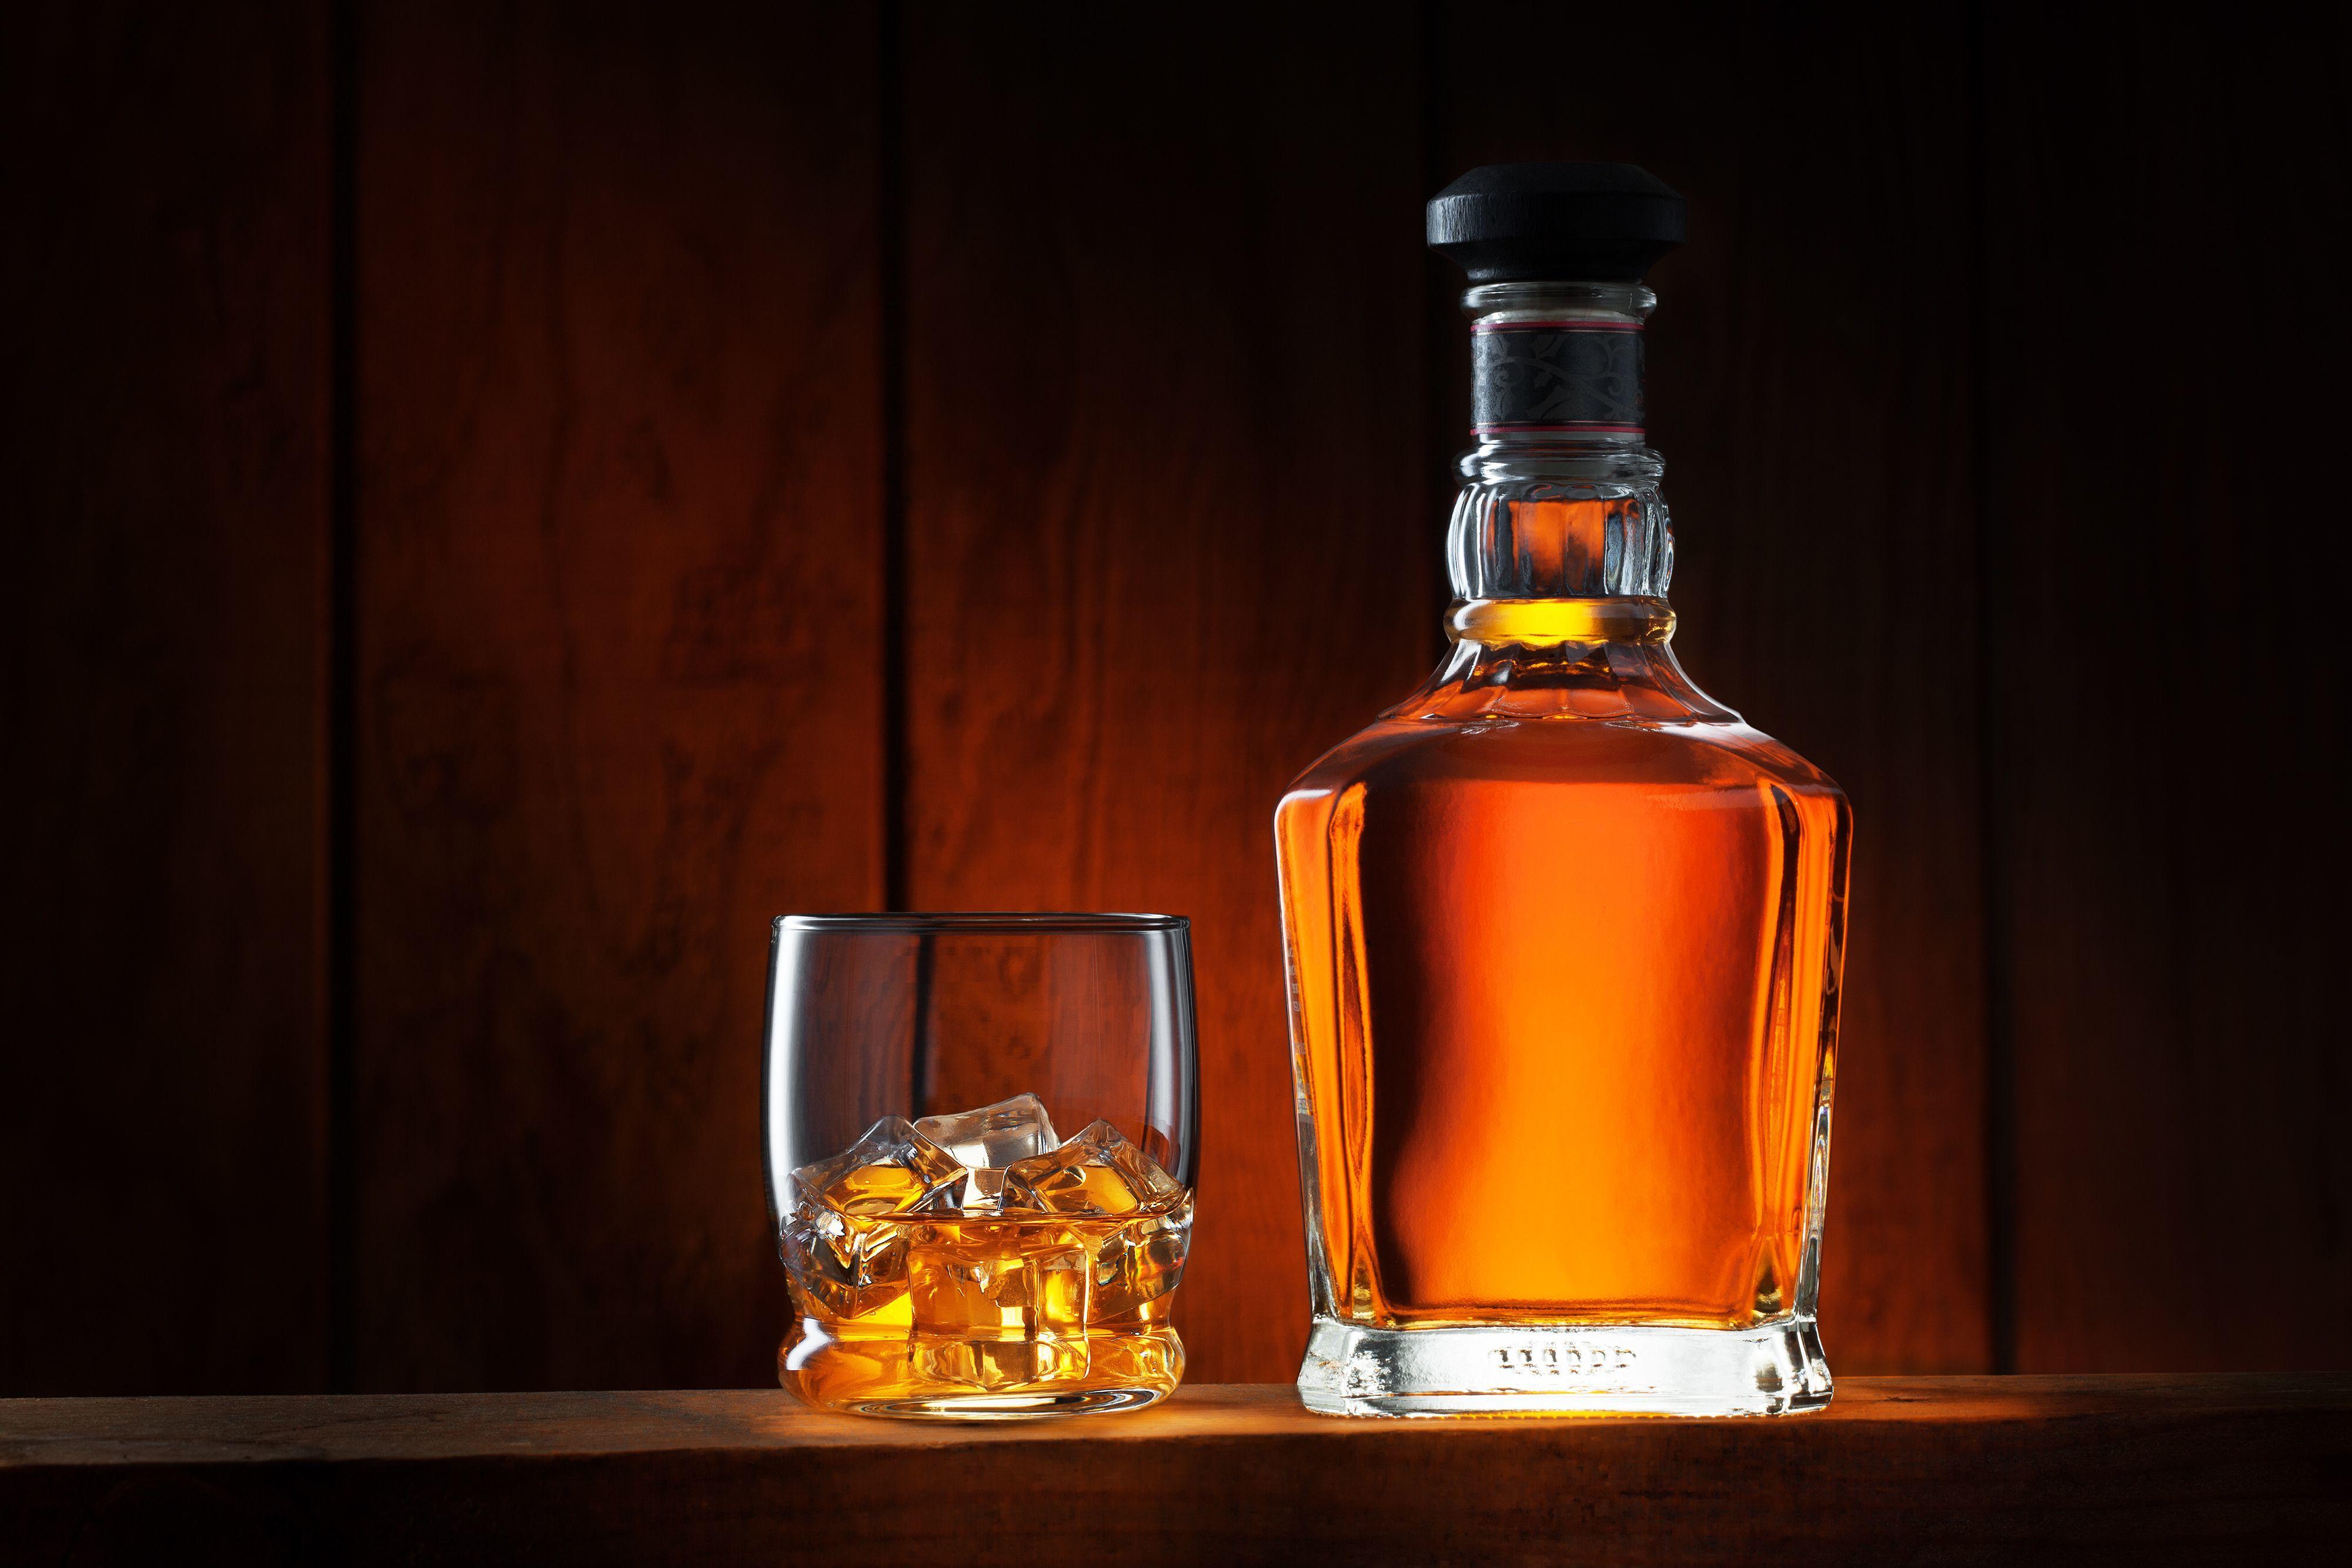 Magic City's 2021 Capital City Whiskey Tasting